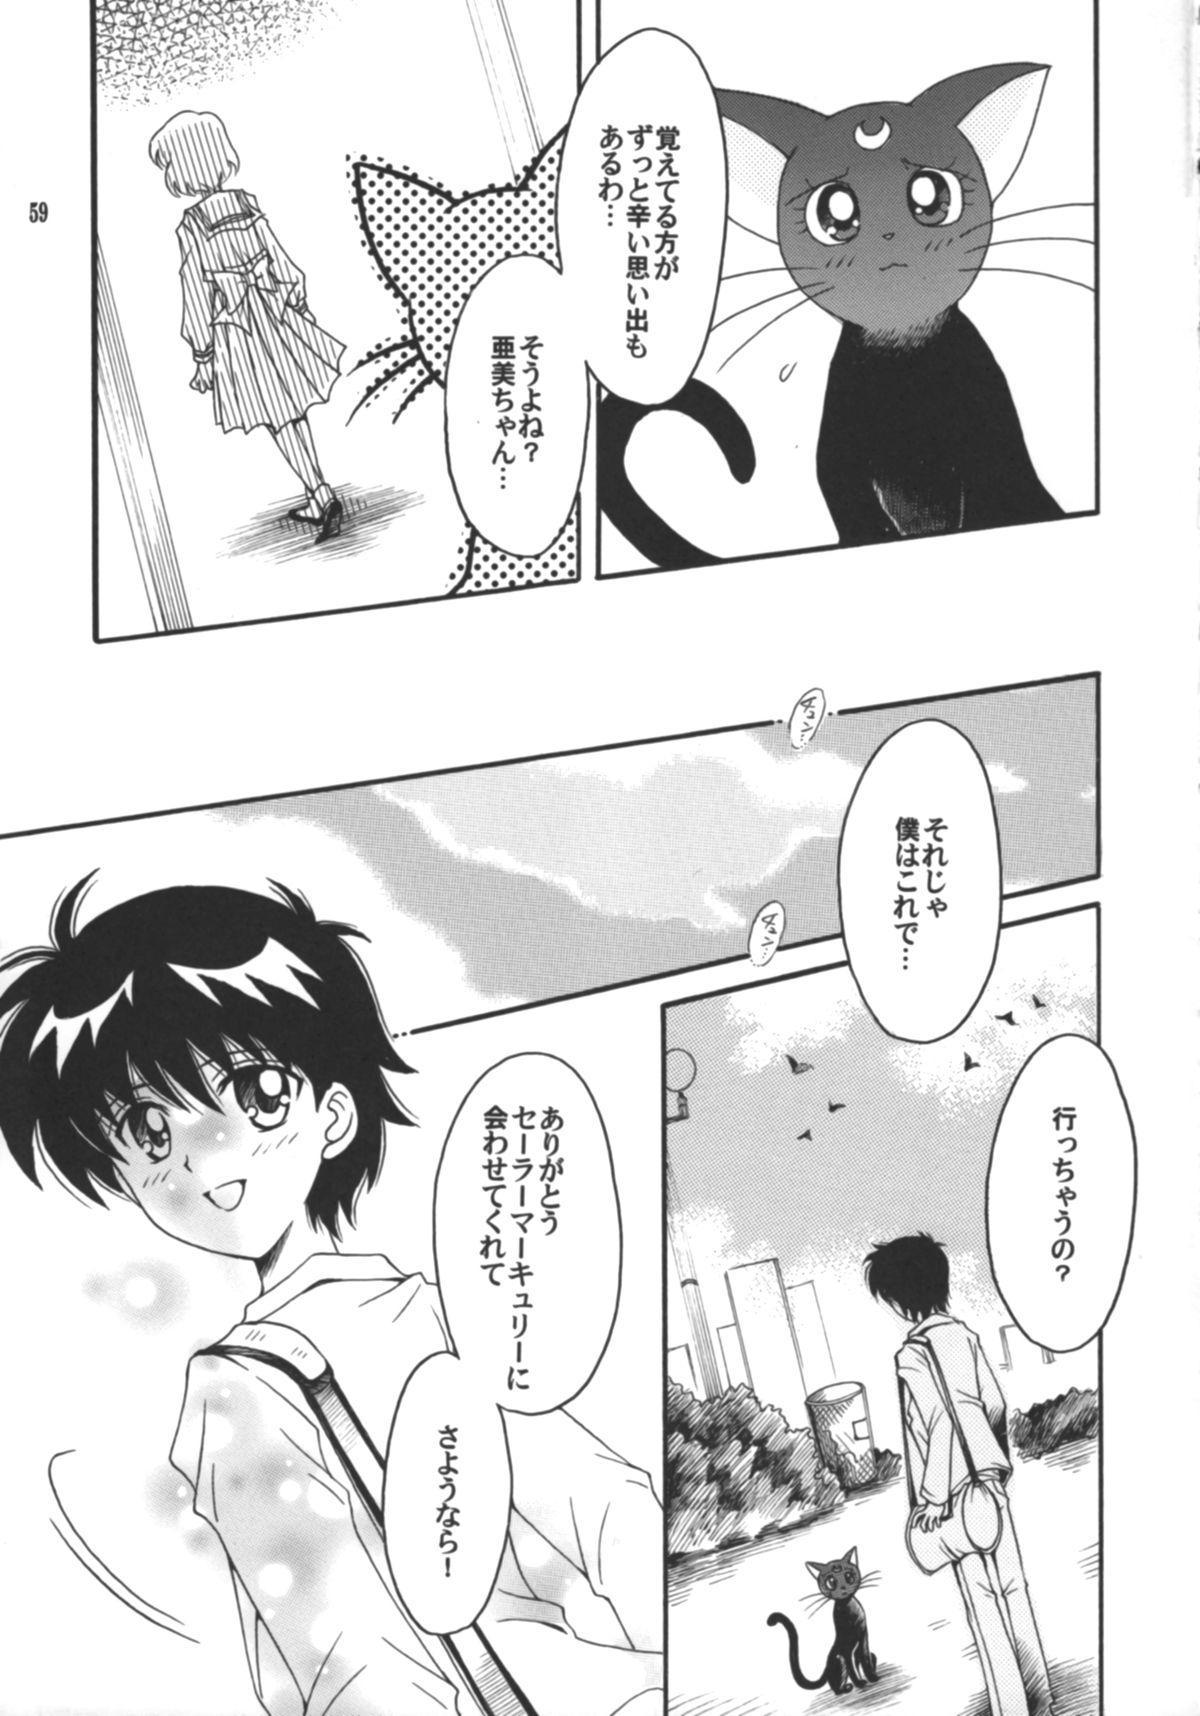 Hajimari No Owari, Owari No Hajimari 59